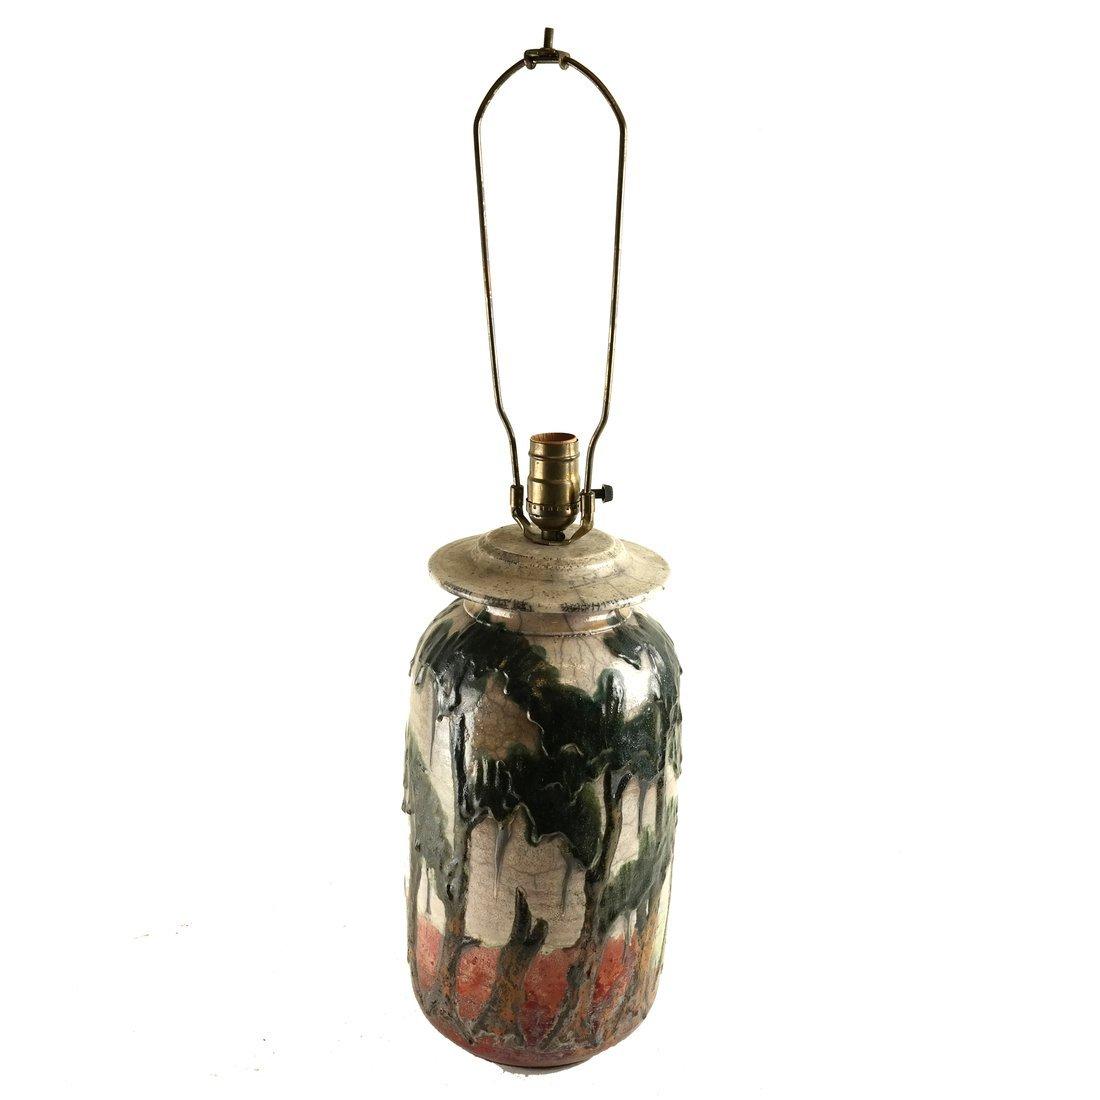 Charles Bohn Ceramic Lamp